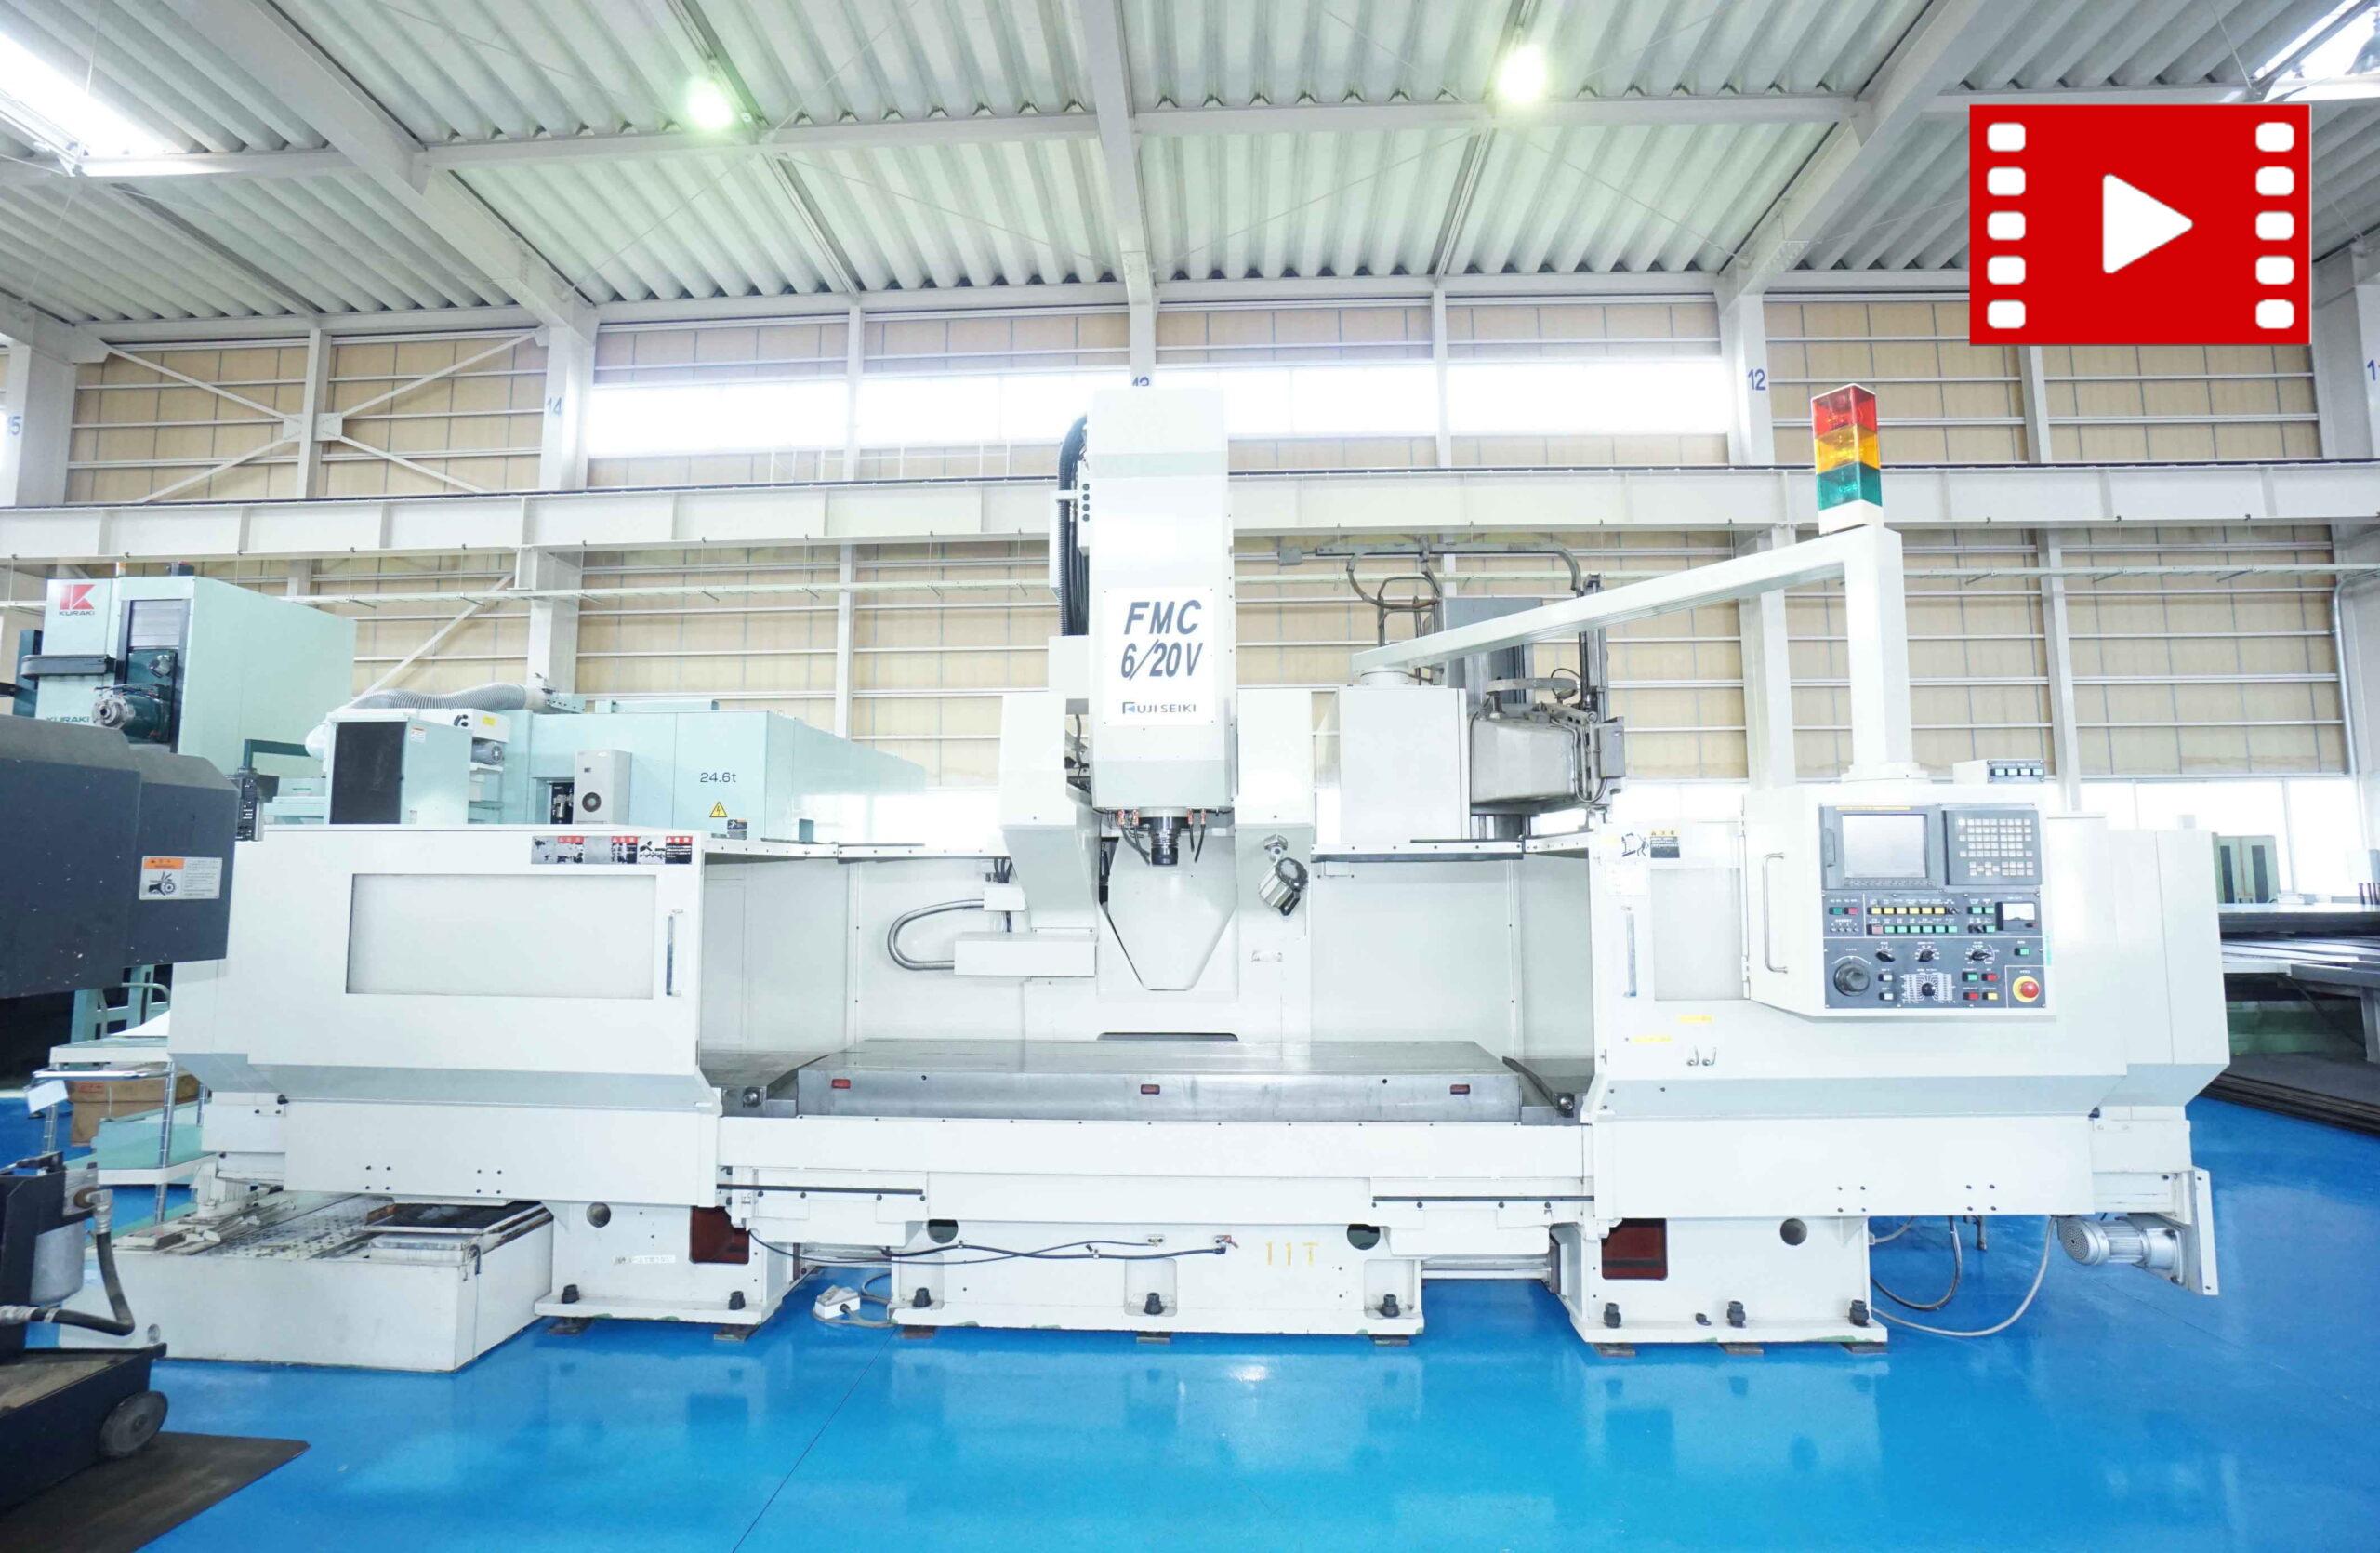 Long Vertical Machining-center FUJI SEIKI FMC-6/20Vの画像